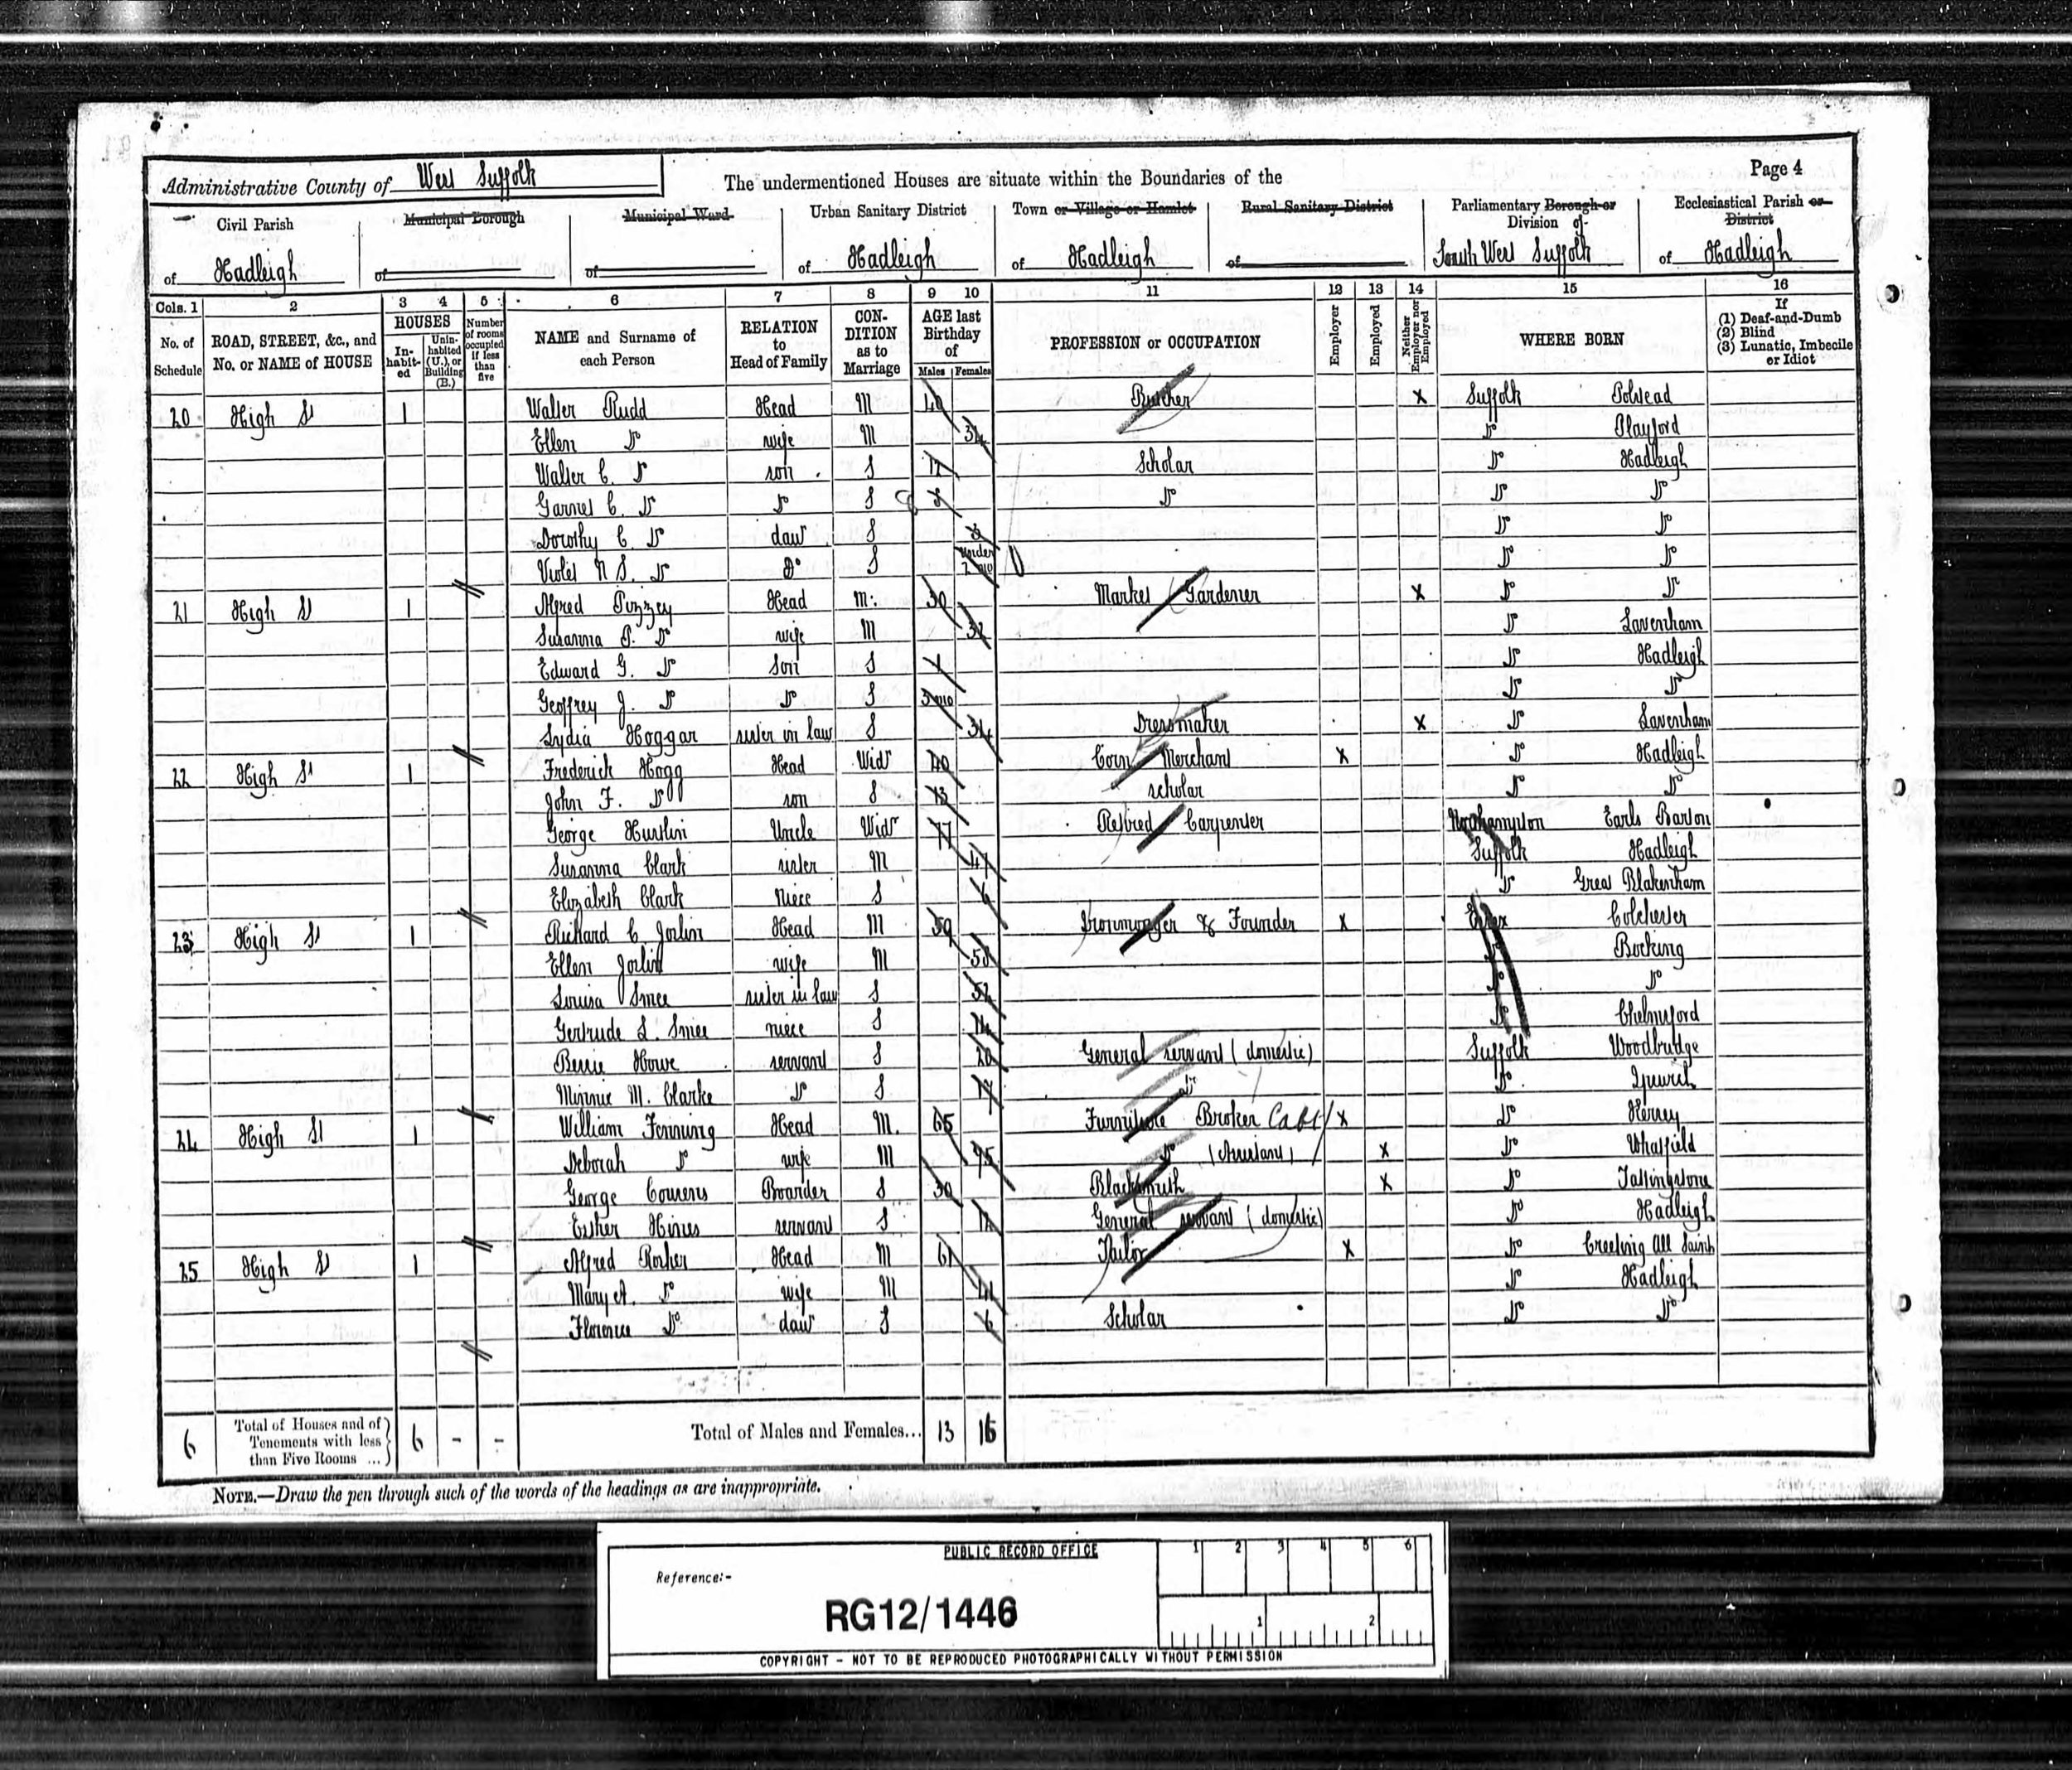 anc 1891 census.jpg